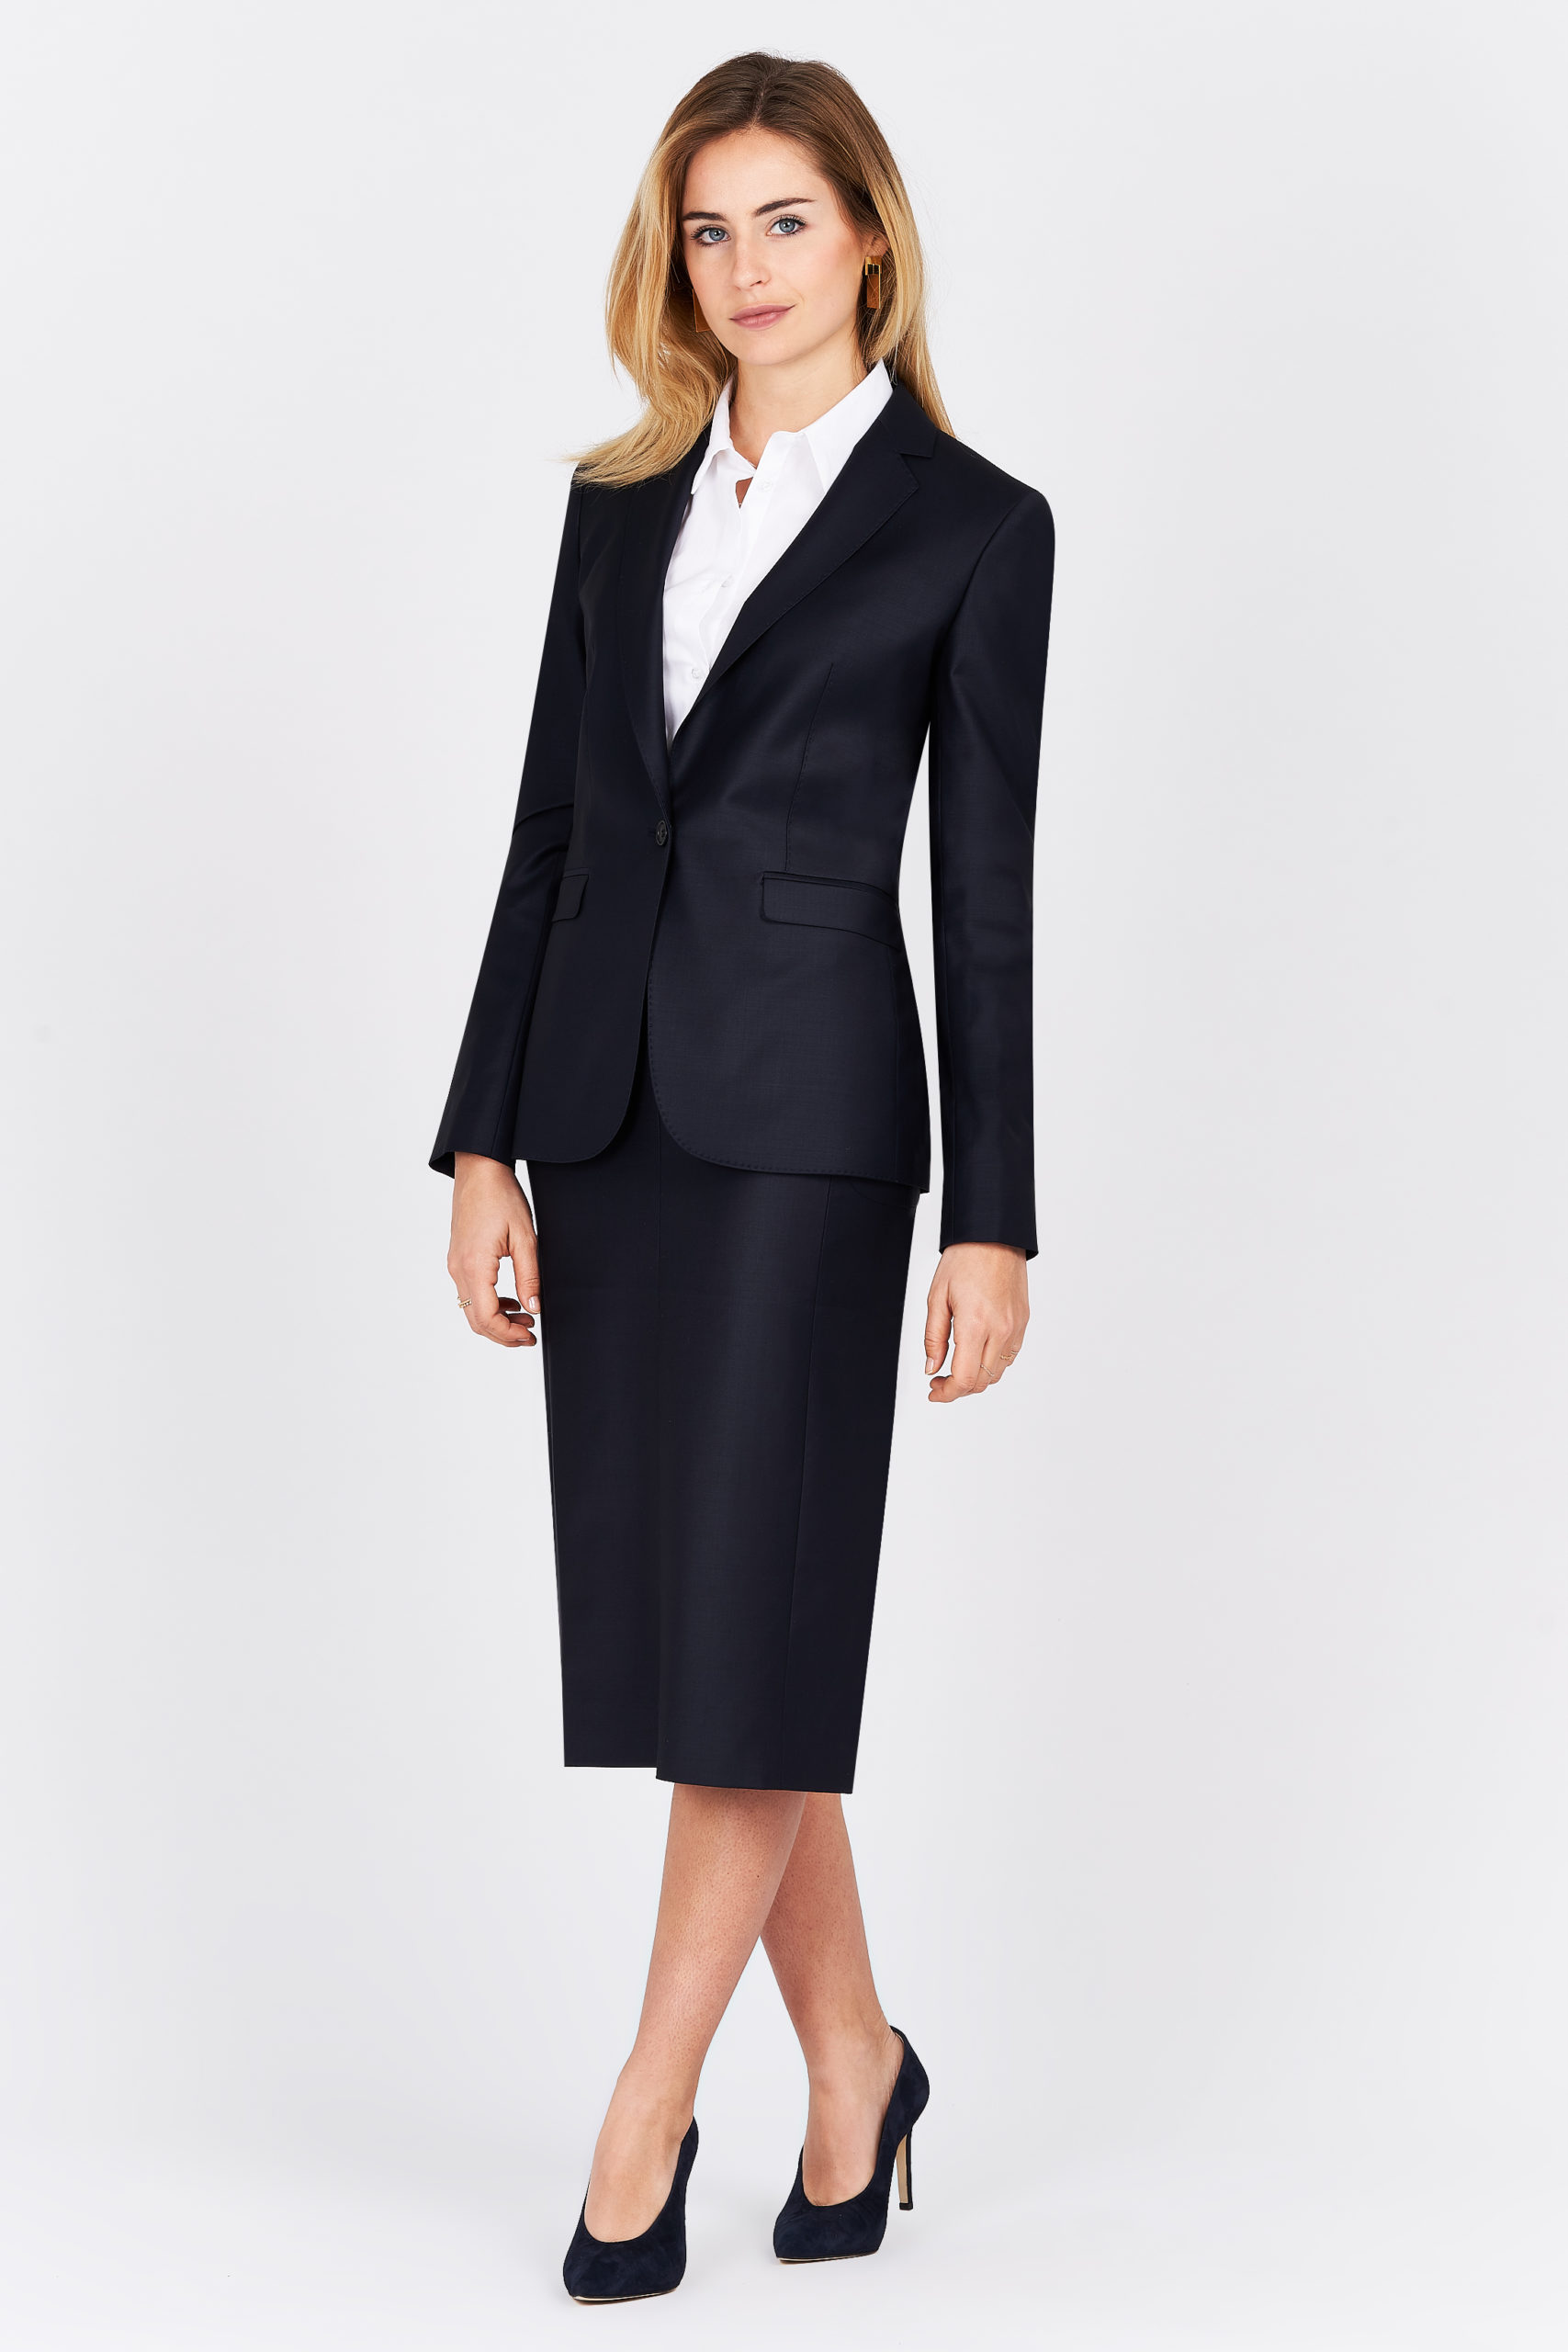 Packshot femme en tailleur noir sur fond gris